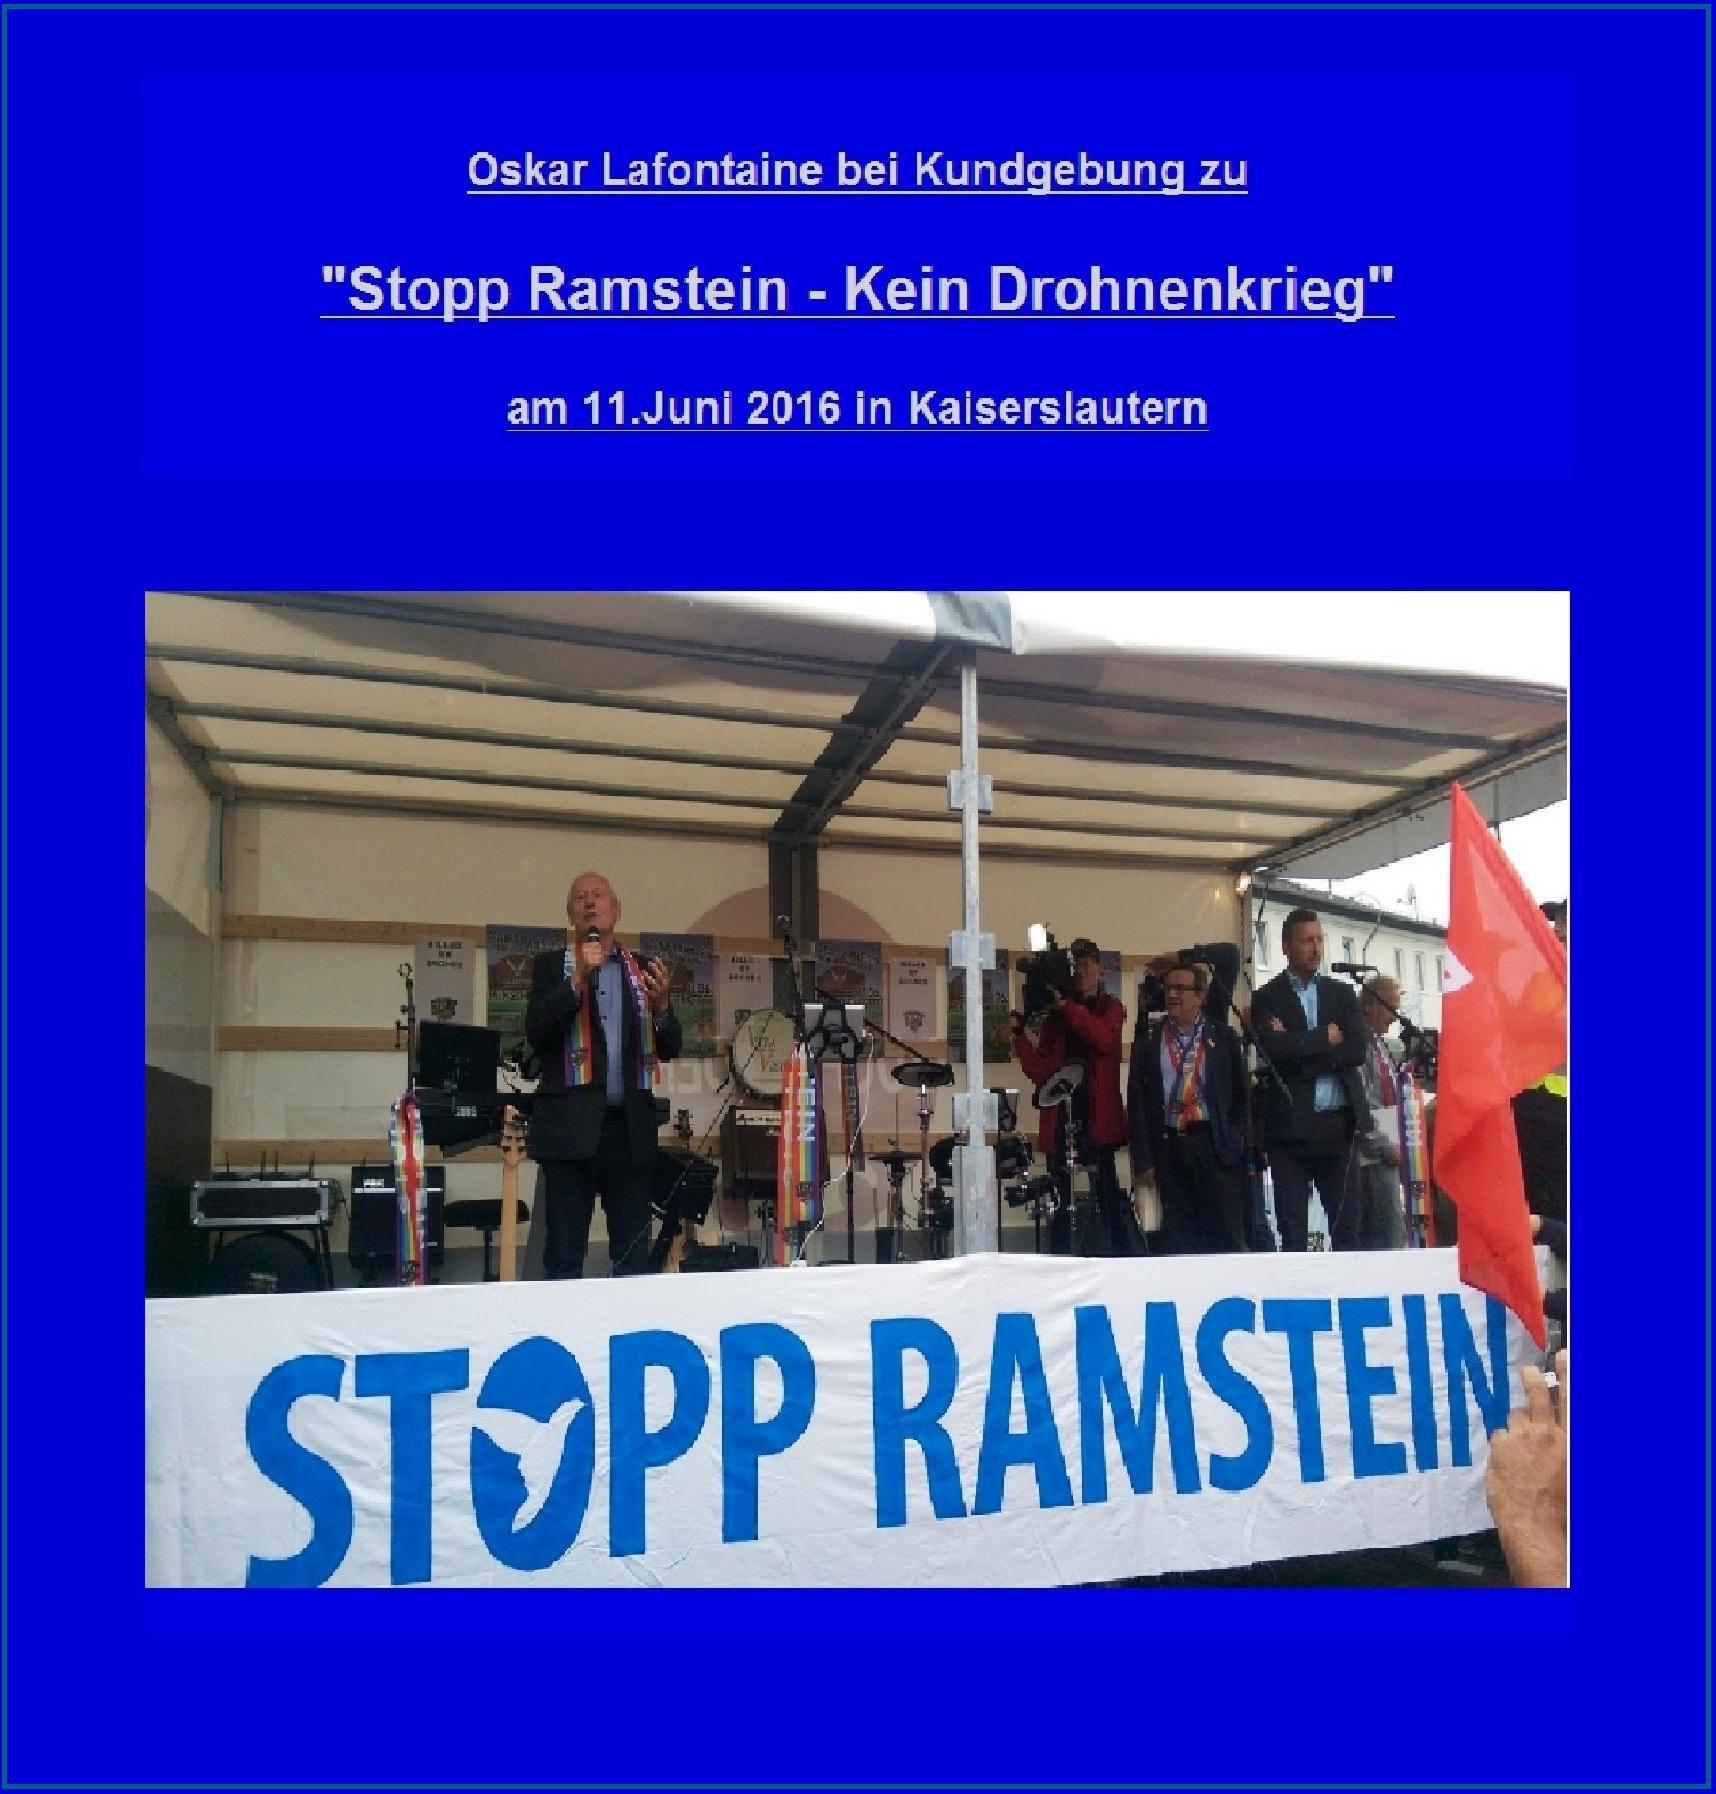 Oskar Lafontaine am Samstag, 11. Juni 2016, bei der Auftaktkundgebung zu Stopp Ramstein - Kein Drohnenkrieg in Kaiserslautern: Es wird ja weltweit Krieg geführt. Und es wird weltweit ein Drohnenkrieg geführt. Und dieser Drohnenkrieg ist völkerrechtswidrig. Es werden tausende von Menschen ermordet.